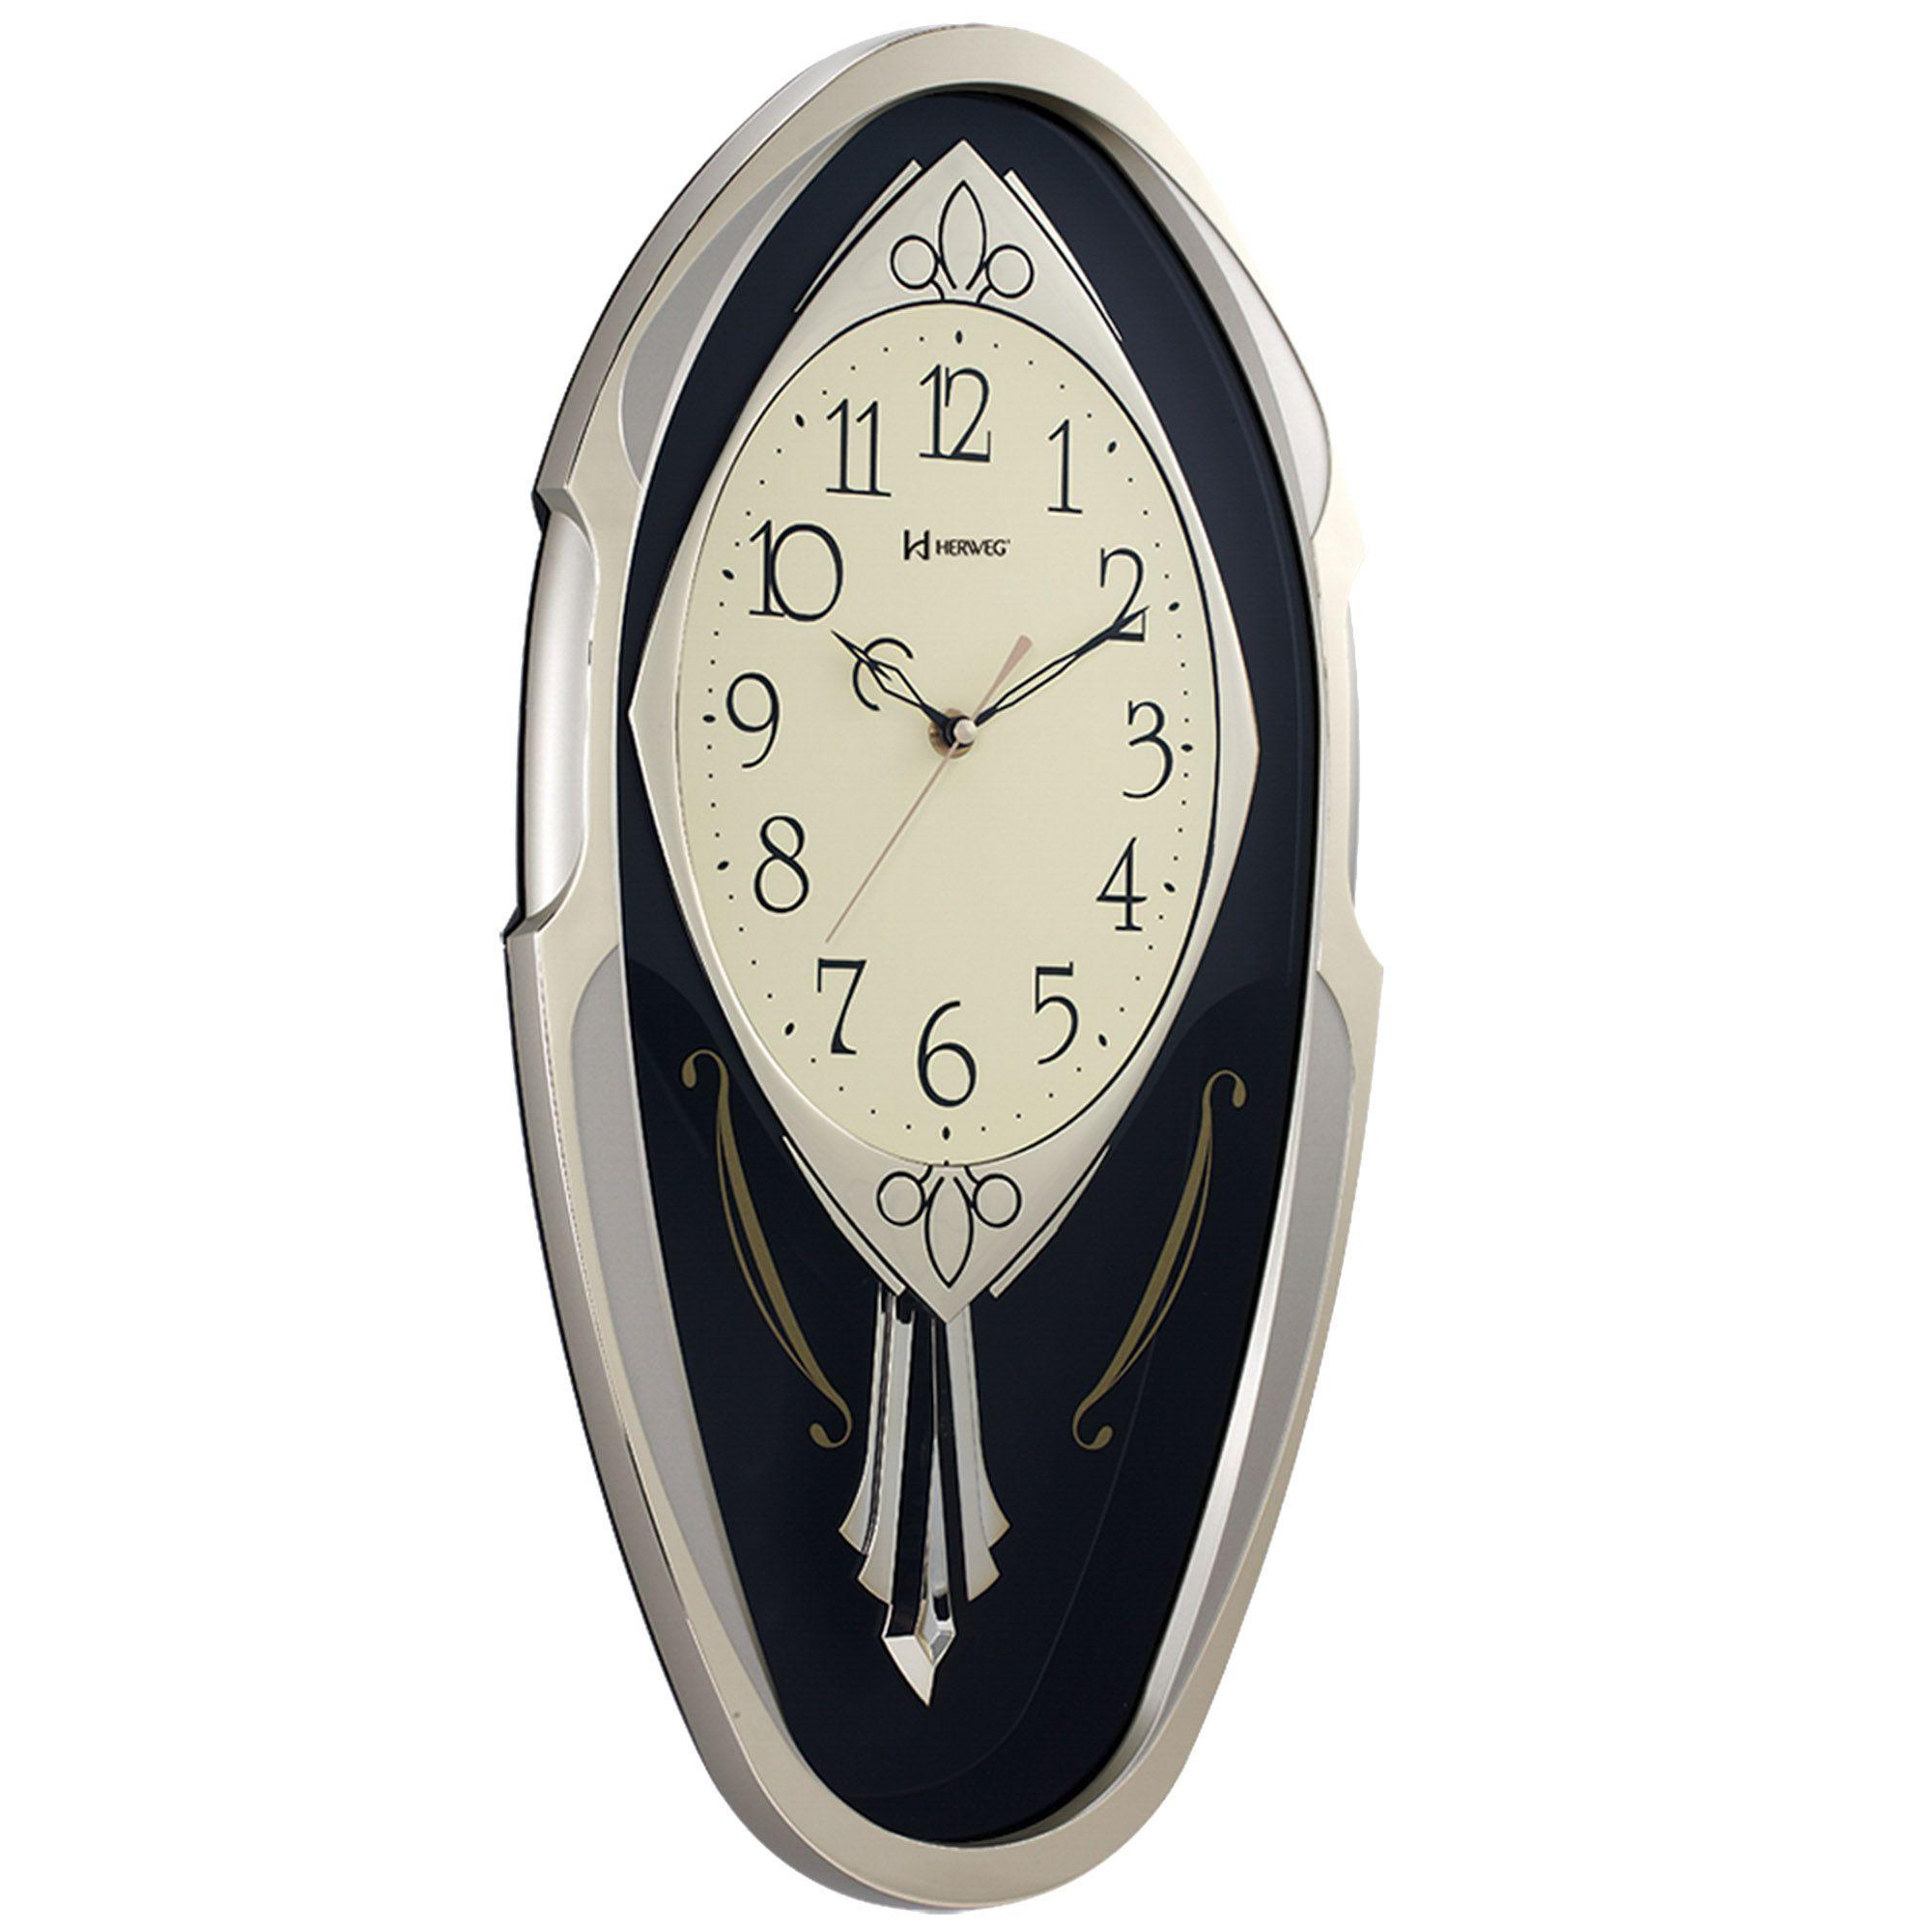 Relógio de Parede Pêndulo Herweg 6389 245 Ouro Envelhecido